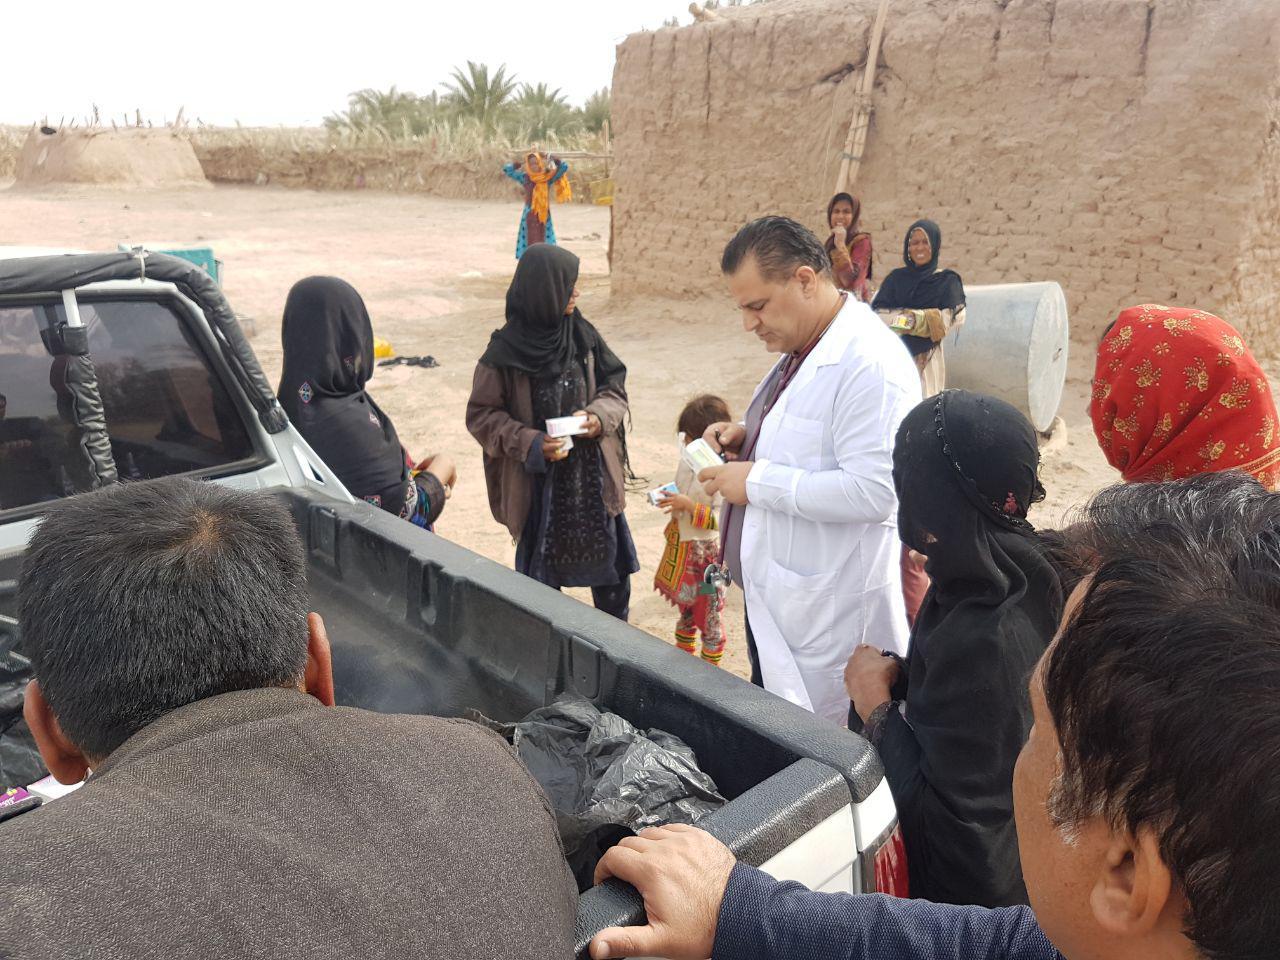 اعزام گروه های درمانی به روستای محروم حسین آباد دامداری ریگان